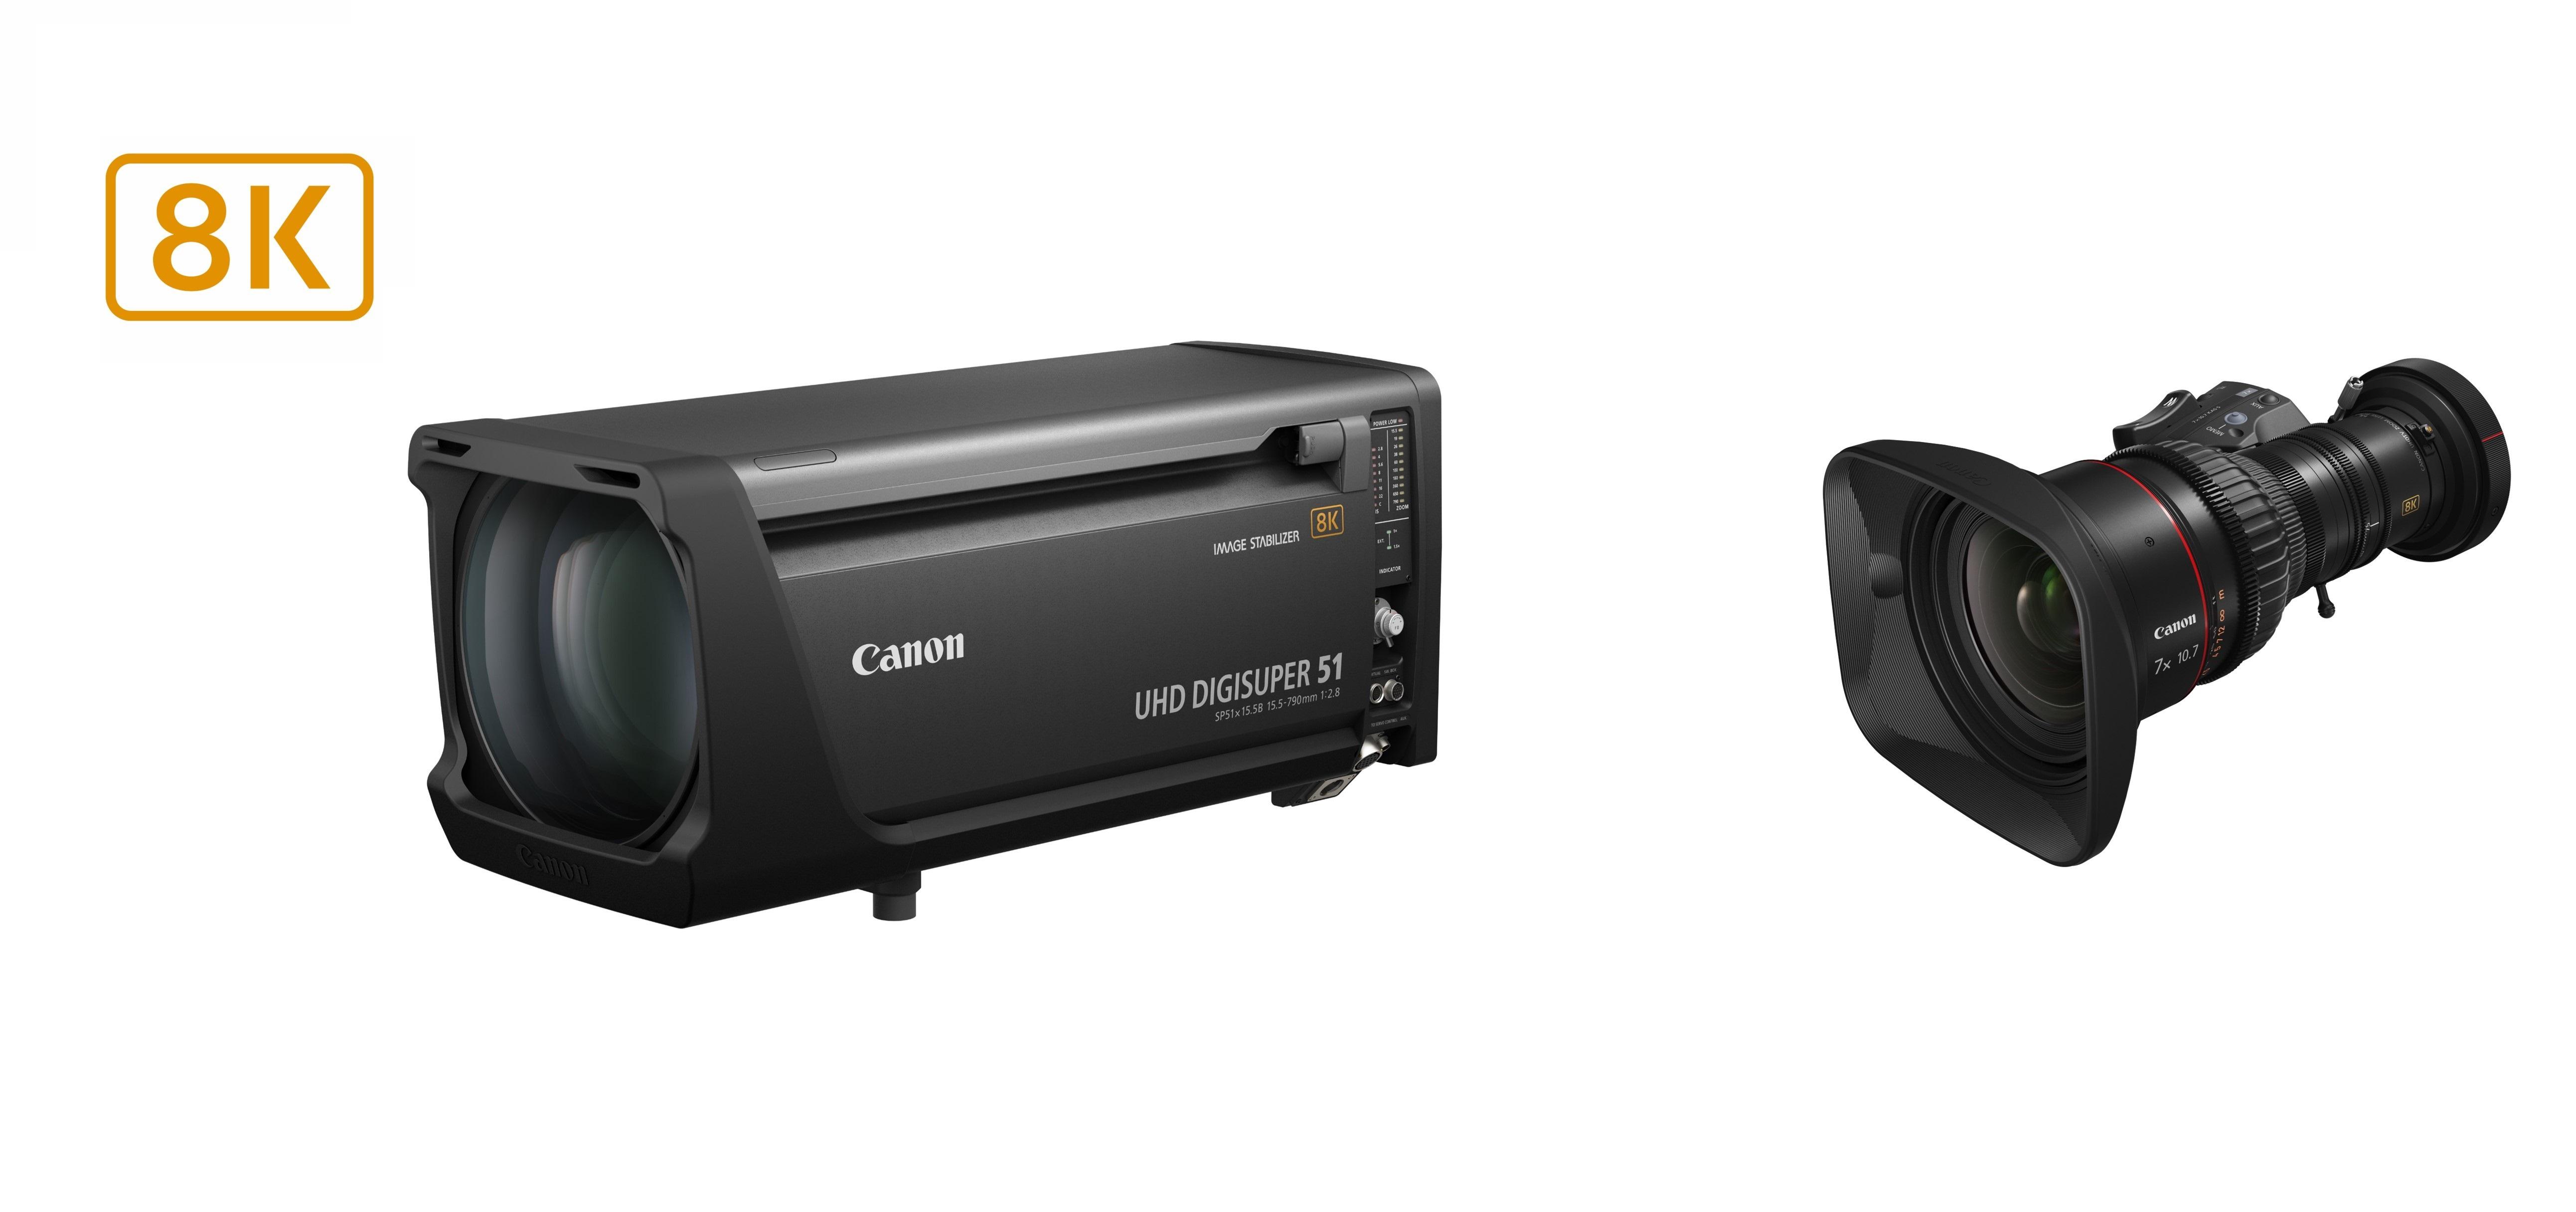 佳能宣布发售首批 8K 广播级变焦镜头